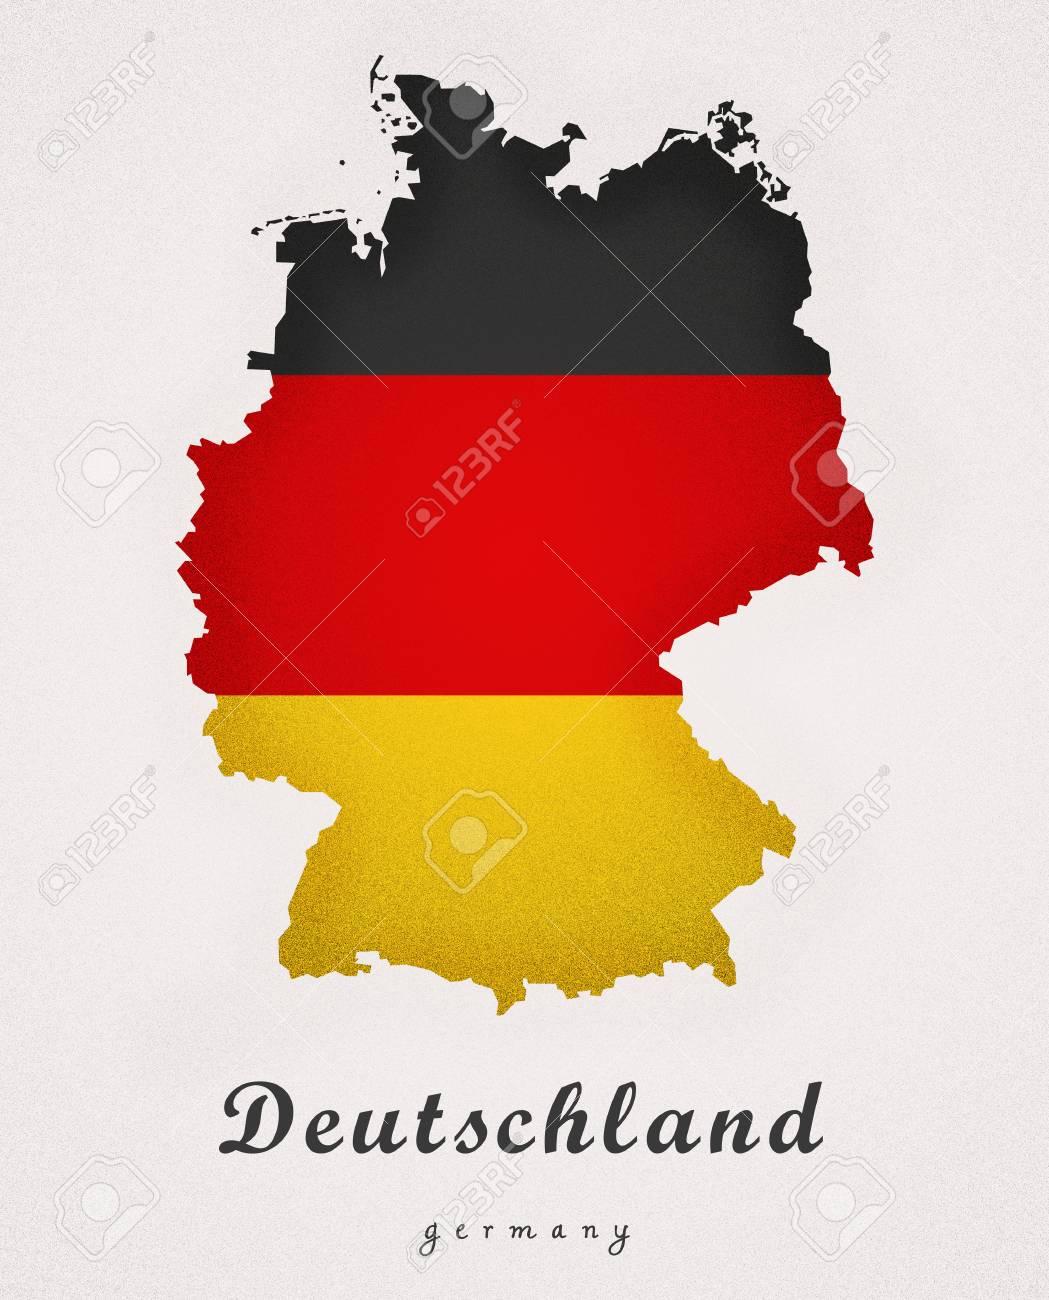 Map Of Deutschland Germany.Deutschland Germany De Art Map